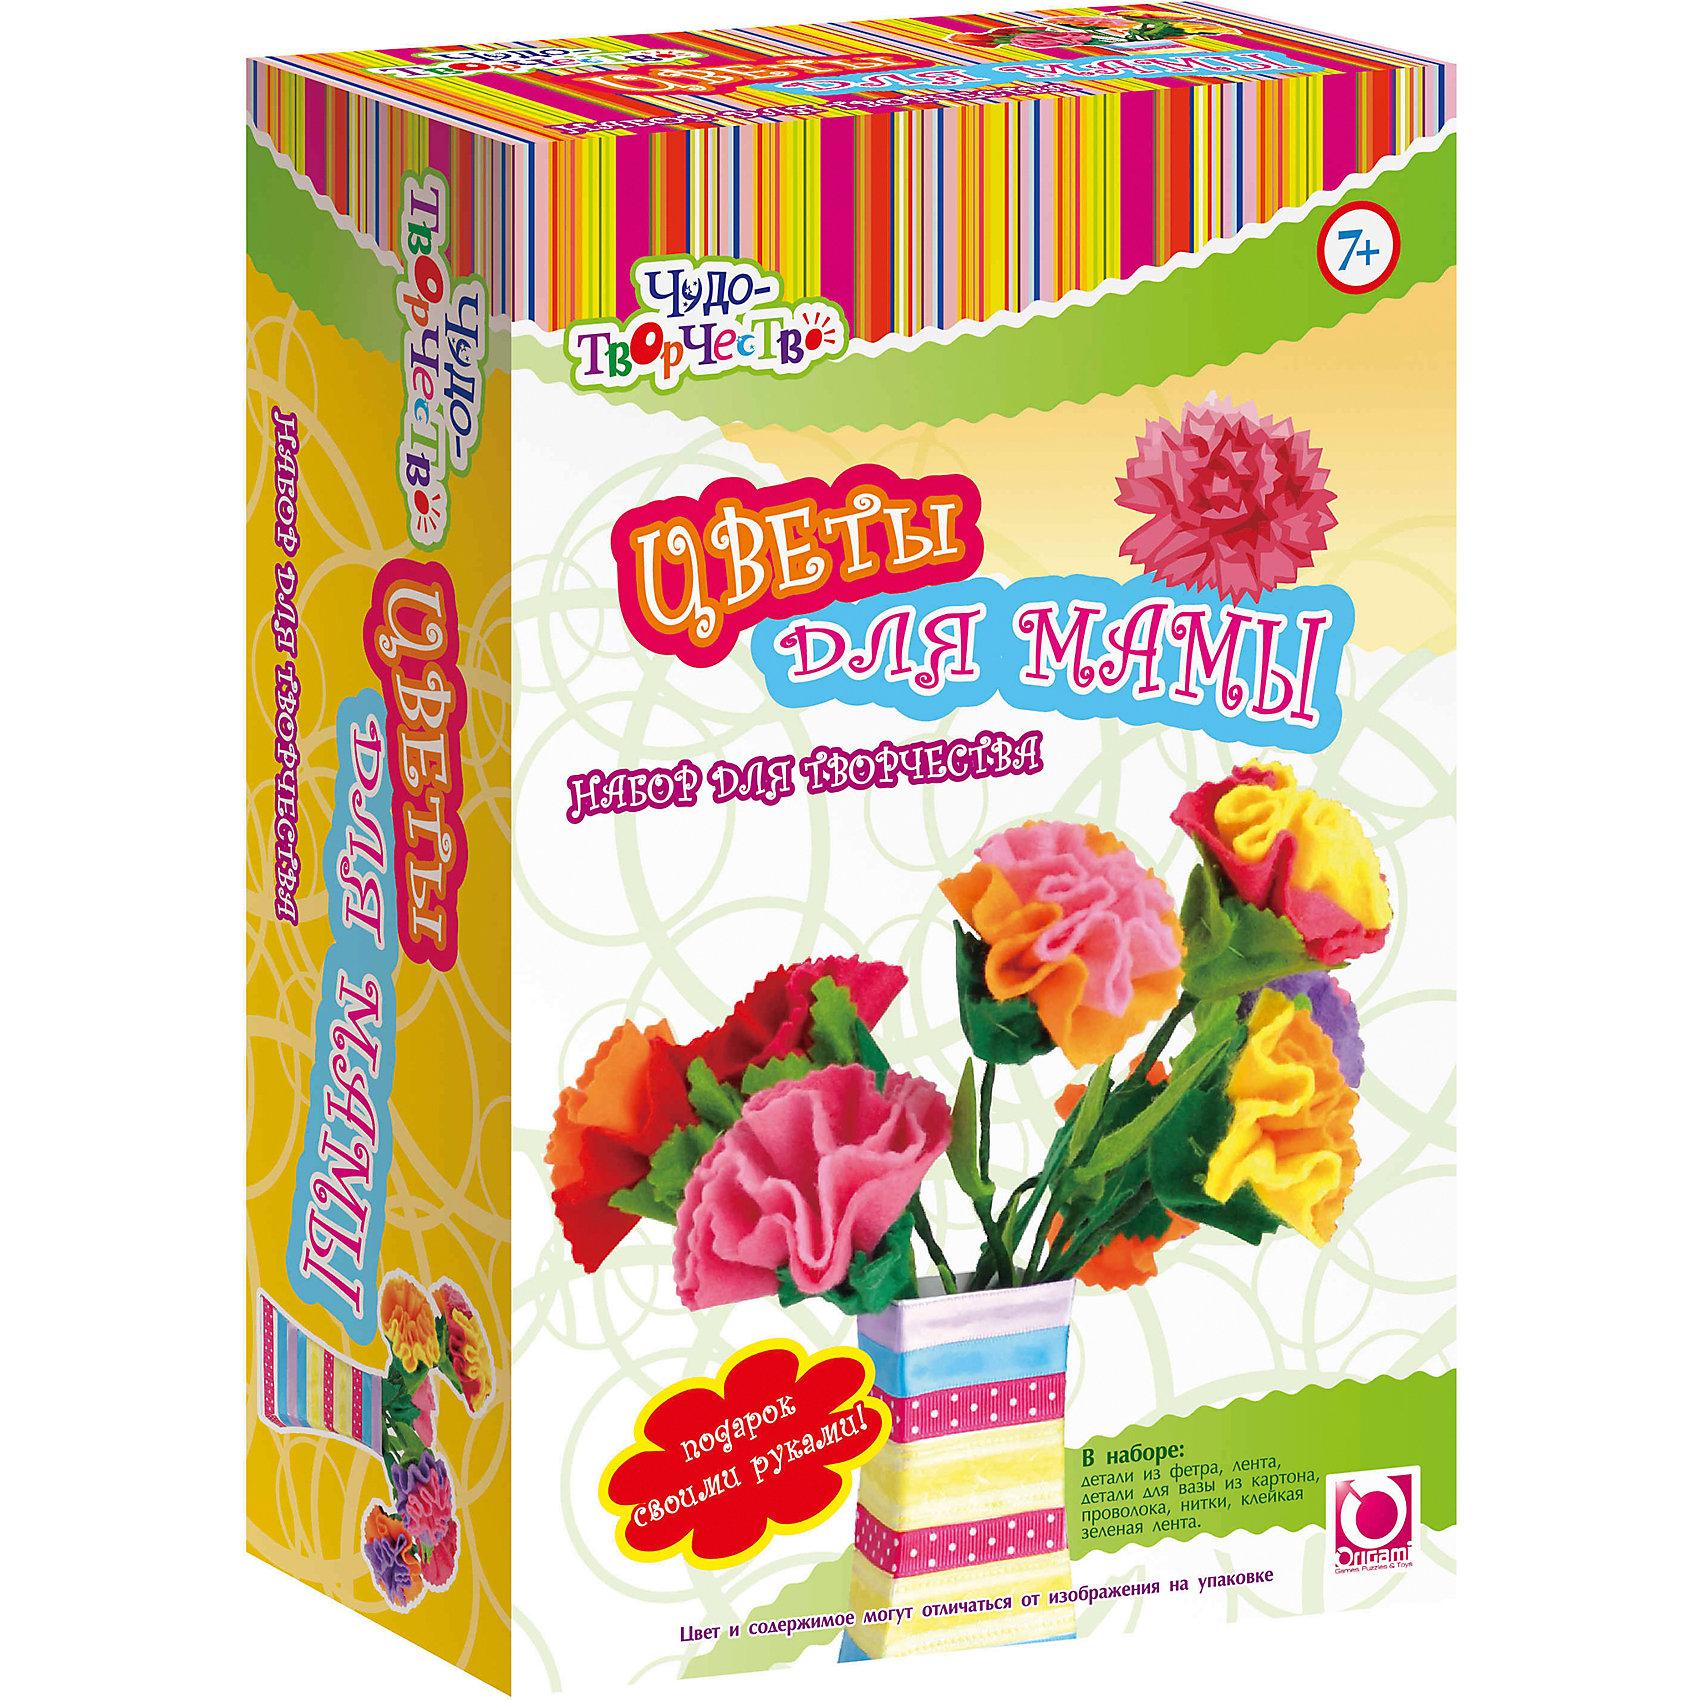 Набор для творчества Цветы для мамы, ОригамиНабор для творчества Цветы для мамы, Оригами – с этим набором юная рукодельница сотворит своими руками оригинальный букет.<br>Игрушка, сделанная своими руками - не просто поделка. Создавая ее, мы вкладываем частичку своего сердца и души. С помощью набора Цветы для мамы можно создать необычный набор с вазой и цветами из фетра. Такая поделка может стать прекрасным подарком любимой маме - ведь даритель заранее готовился, вложил в него всю любовь и теплоту рук!<br><br>Дополнительная информация:<br><br>- В наборе: детали из фетра, лента, детали для вазы из картона, проволока, нитки, клейкая зеленая лента<br>- Материал: фетр, текстиль, металл<br>- Размер упаковки: 47х25х40 см.<br>- Вес упаковки: 395 гр.<br><br>Набор для творчества Цветы для мамы, Оригами можно купить в нашем интернет-магазине.<br><br>Ширина мм: 470<br>Глубина мм: 250<br>Высота мм: 400<br>Вес г: 395<br>Возраст от месяцев: 72<br>Возраст до месяцев: 144<br>Пол: Унисекс<br>Возраст: Детский<br>SKU: 4075983